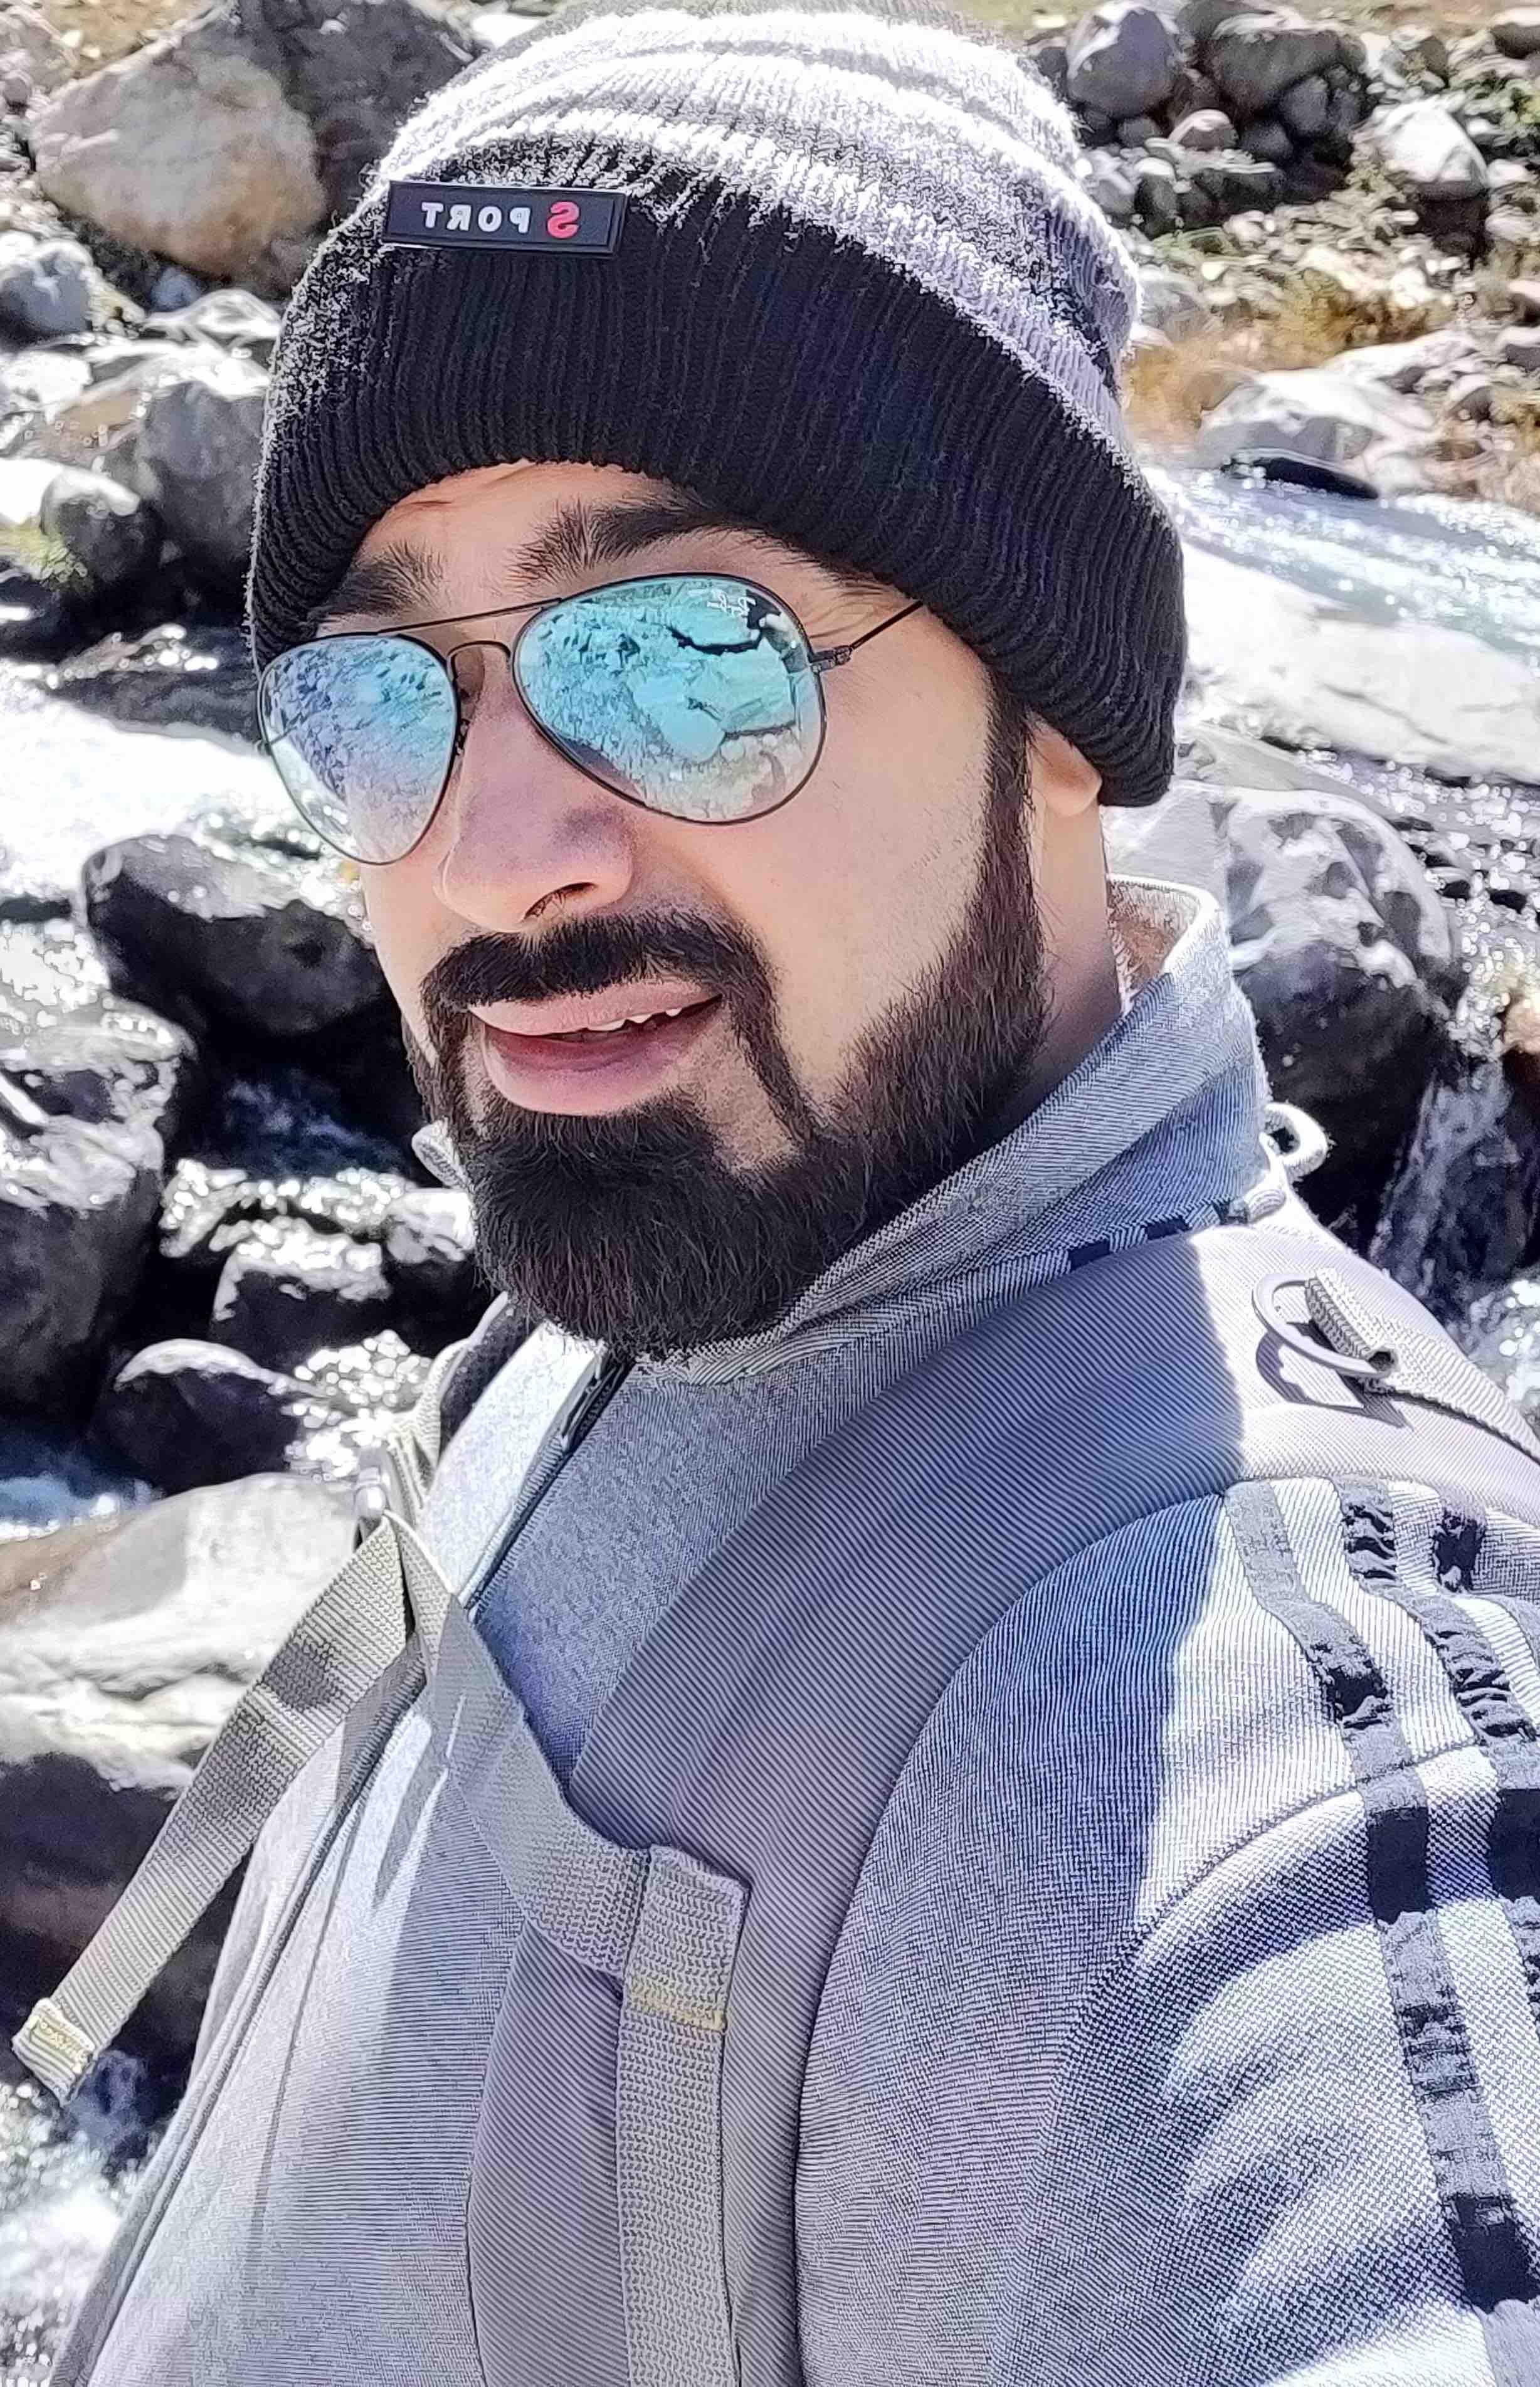 Anand Vaswani